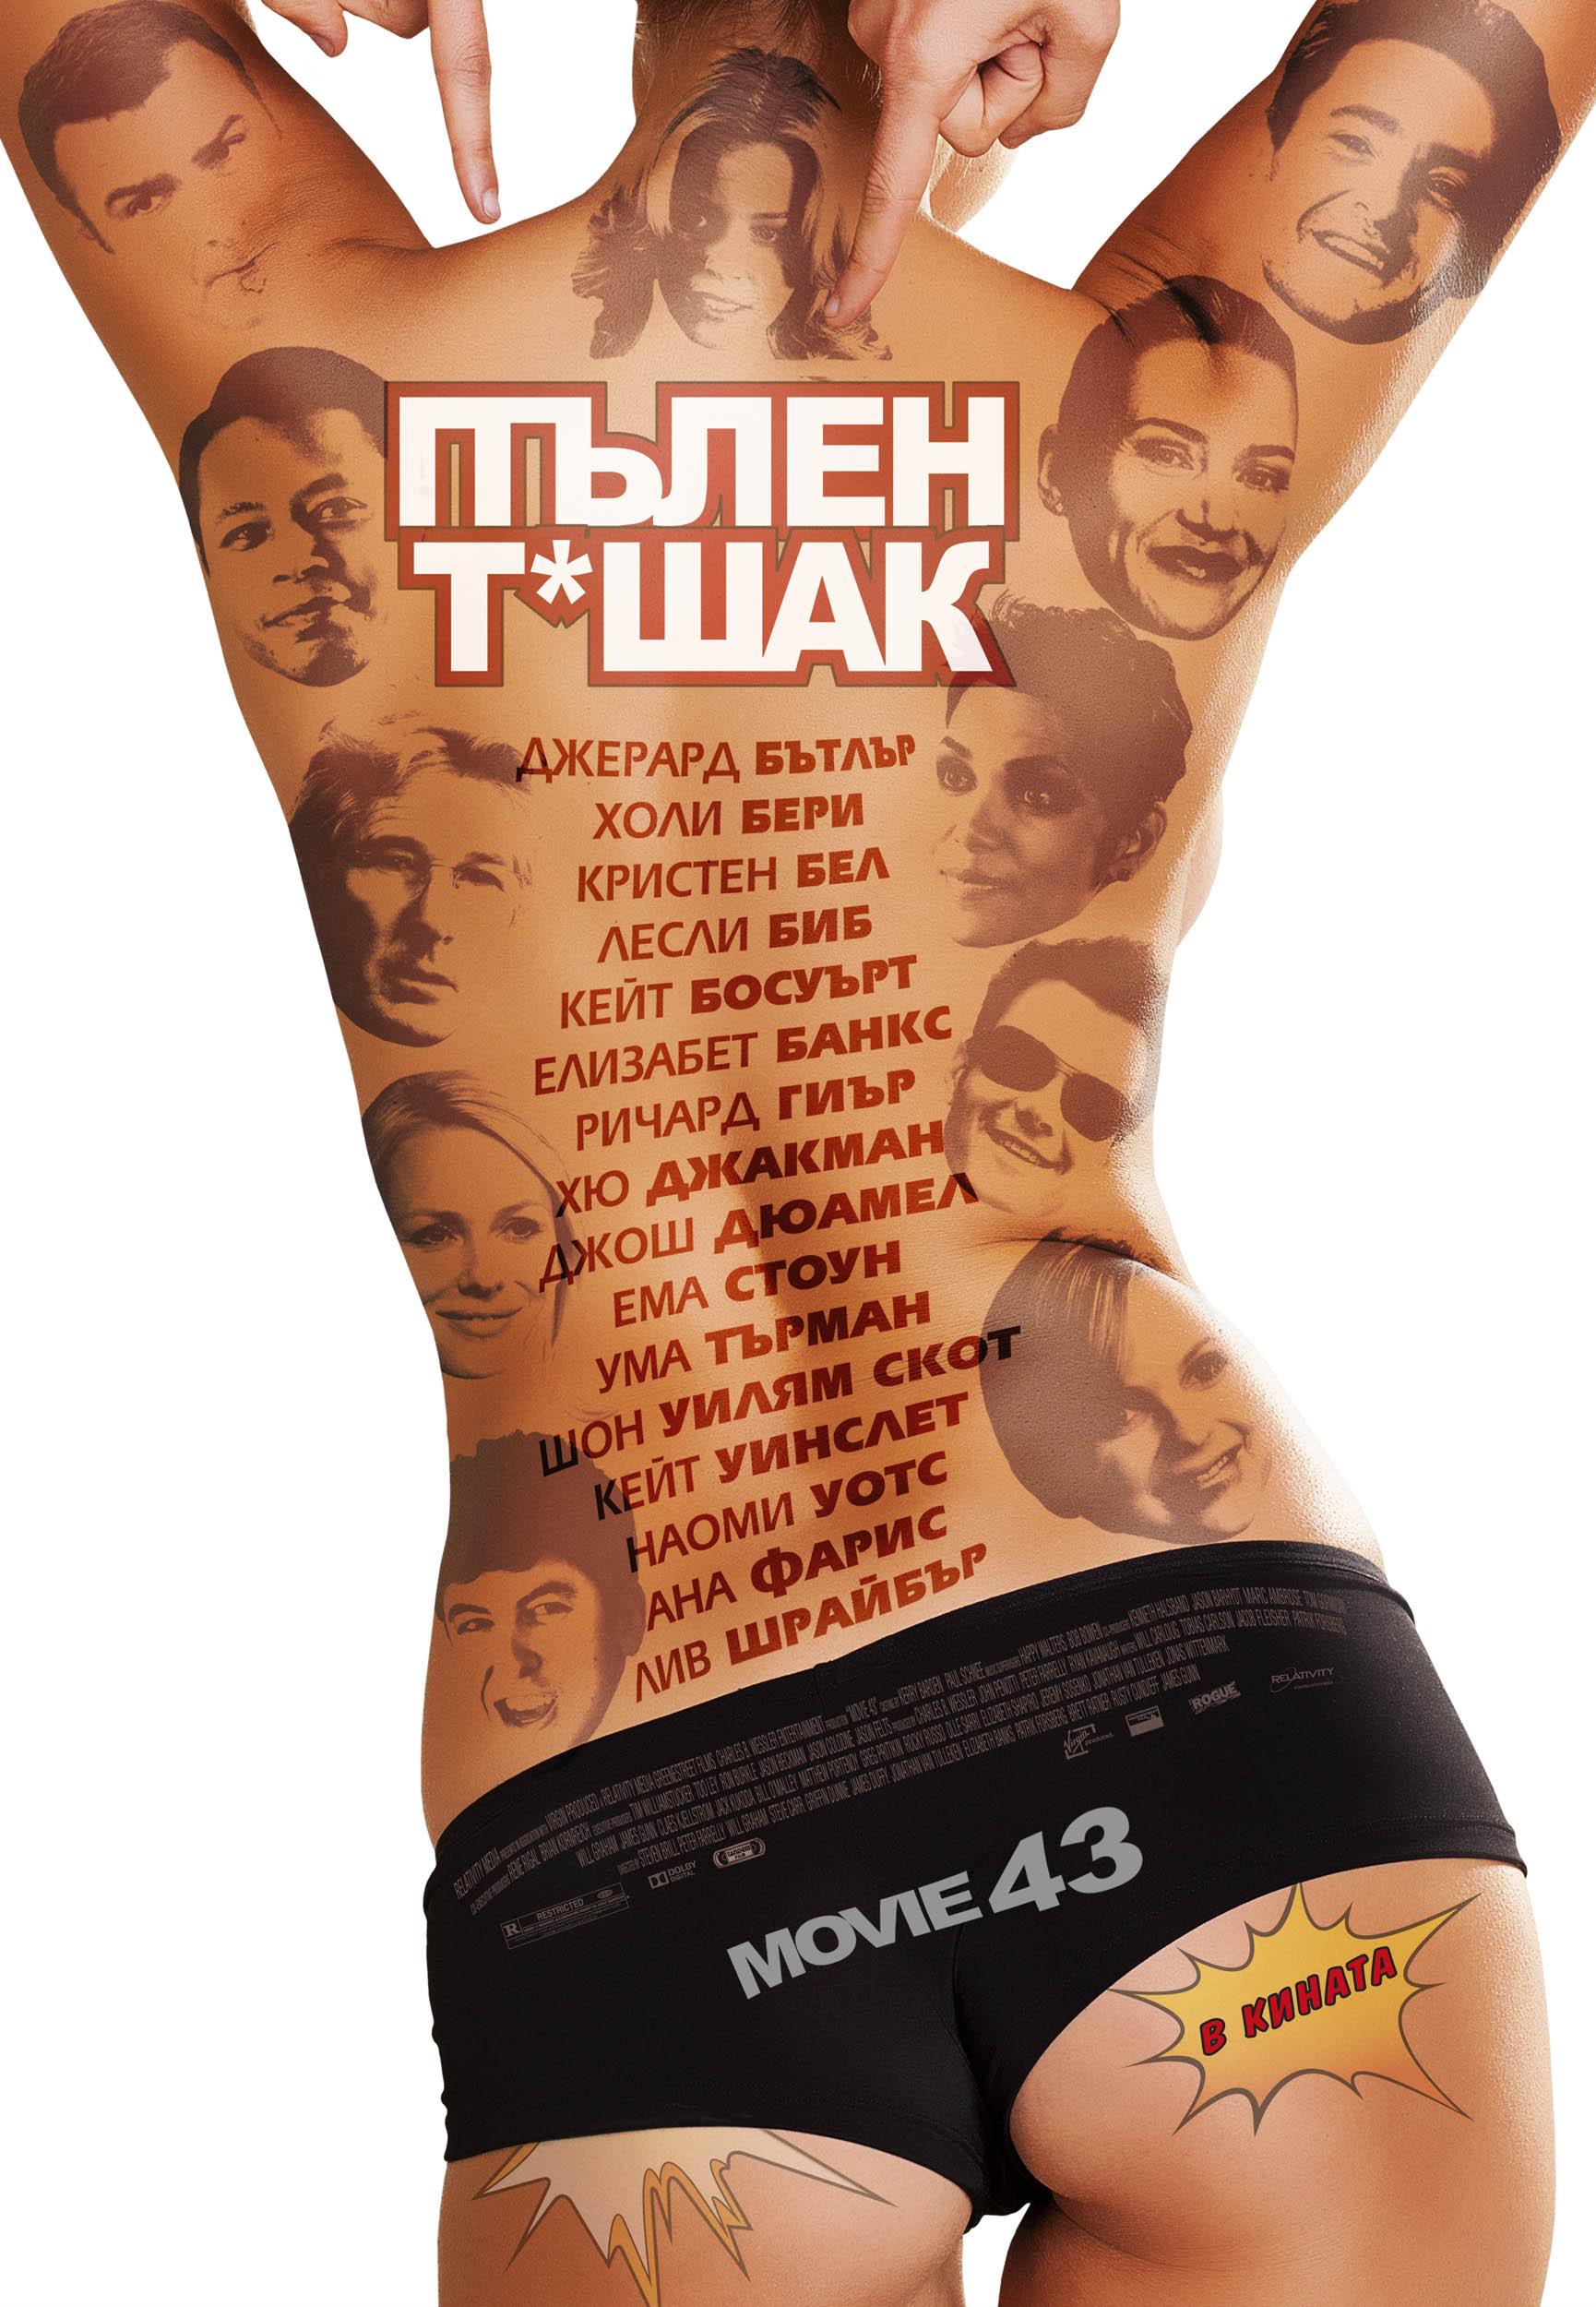 Лицензия скачать торрент бесплатно  Bashtel-tracker.ru - Башкирс…